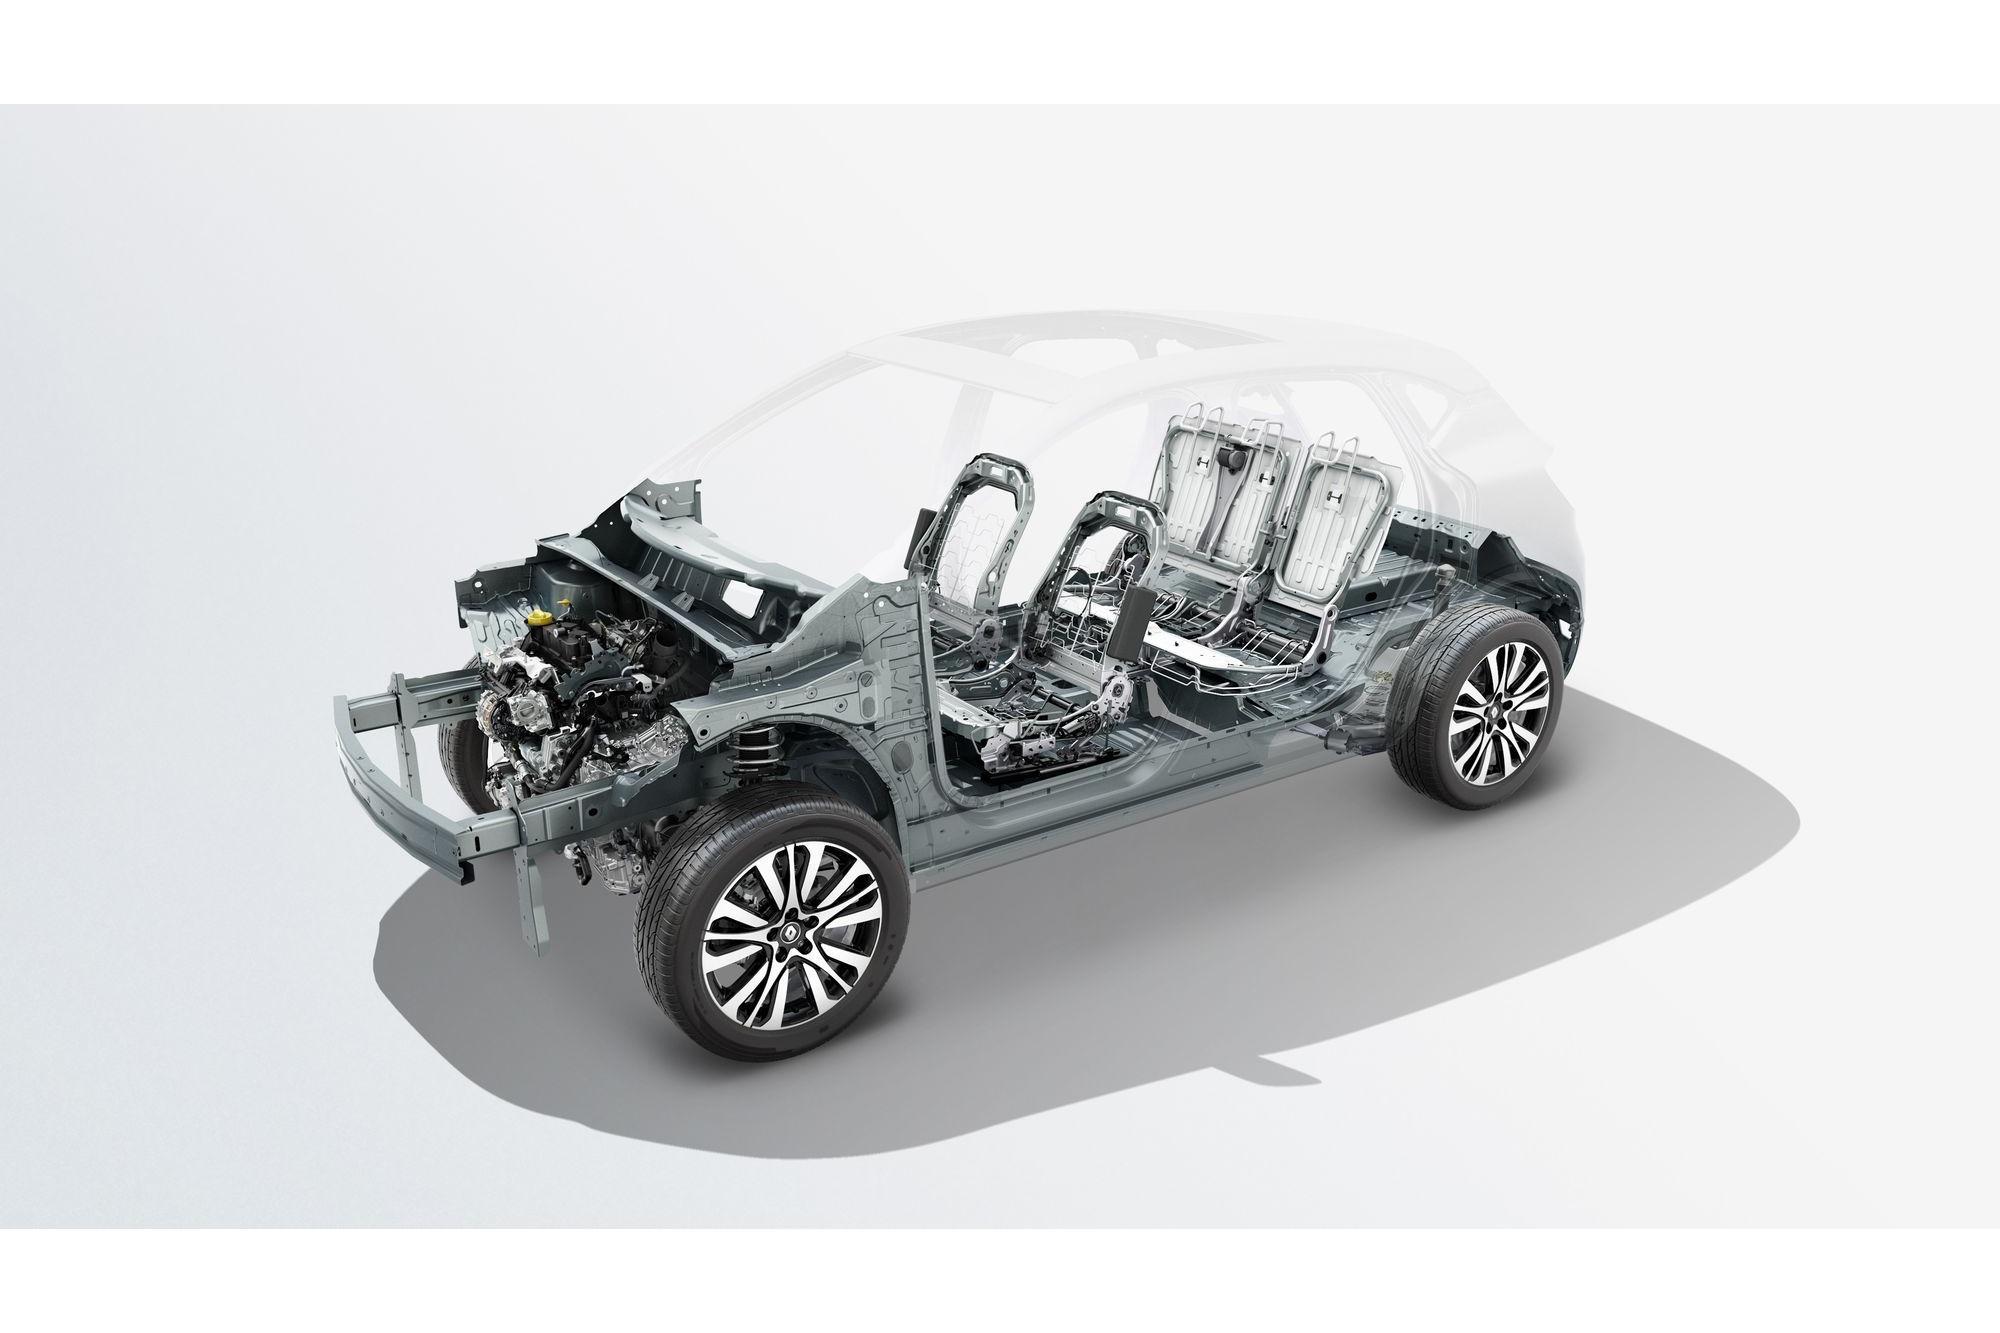 Η πλατφόρμα CMF-B του νέου Renault CAPTUR